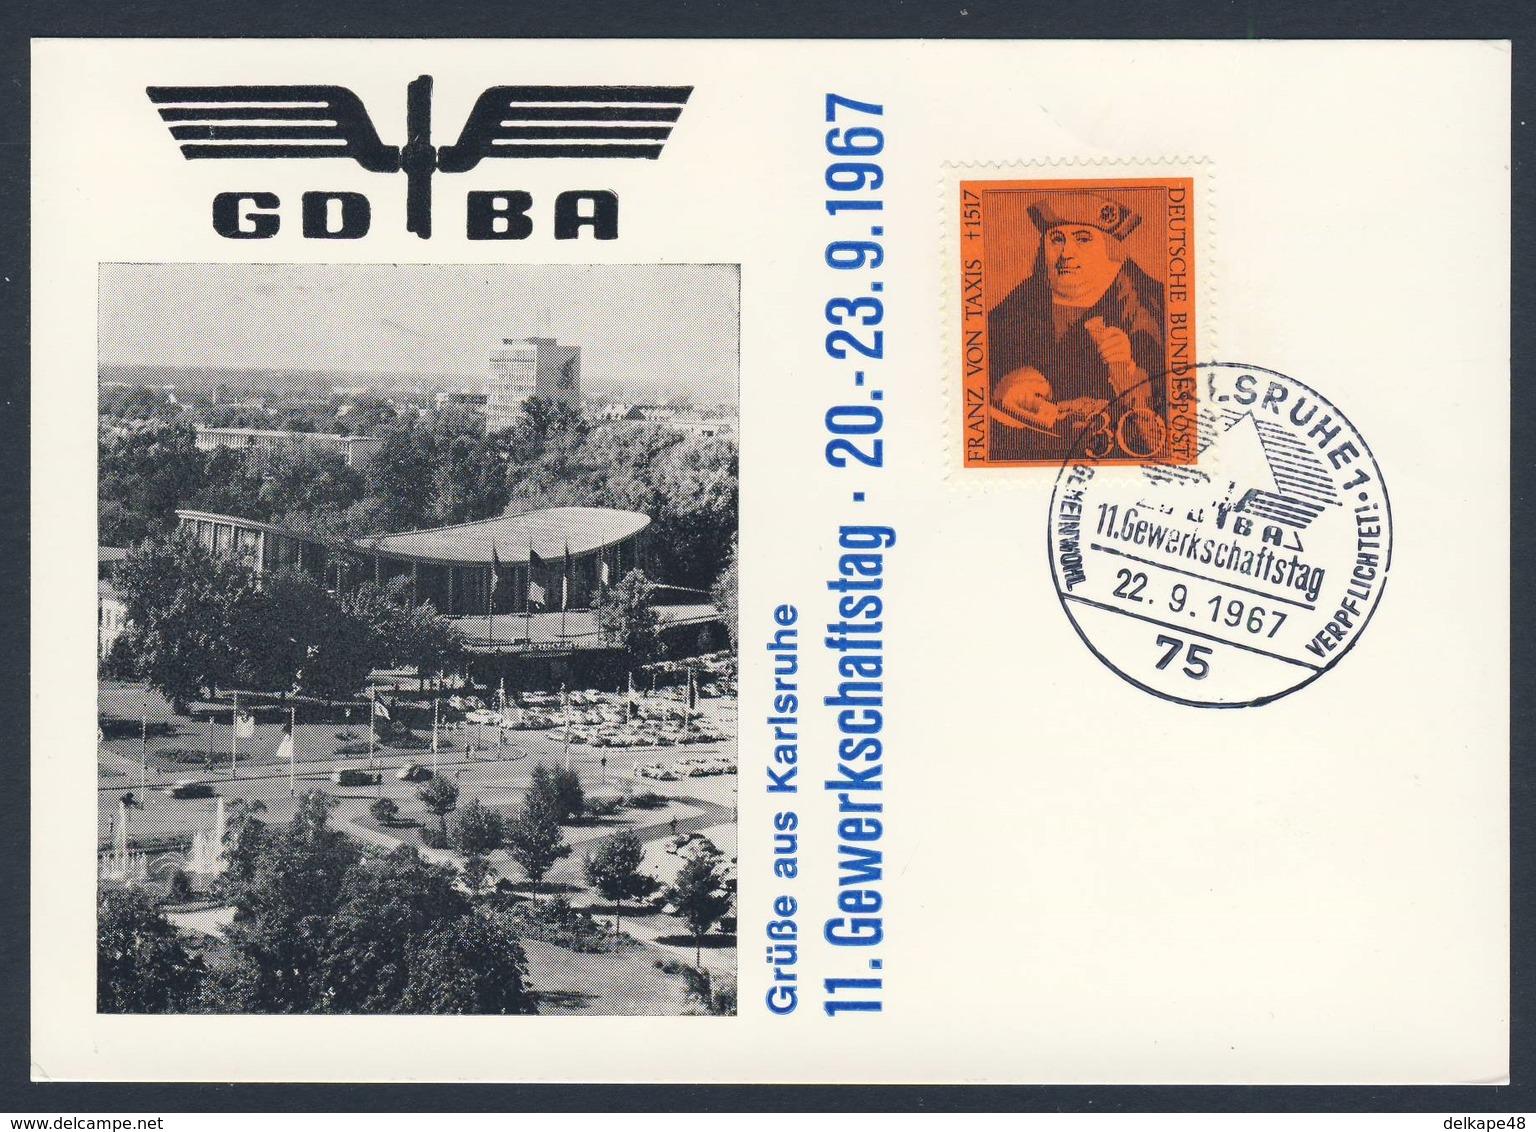 Deutschland Germany 1967 Card / Karte Photo - GDBA - 11. Gewerkschaftstag - 20-23.9.1967, Karlsruhe / 11th Union Day - Treinen